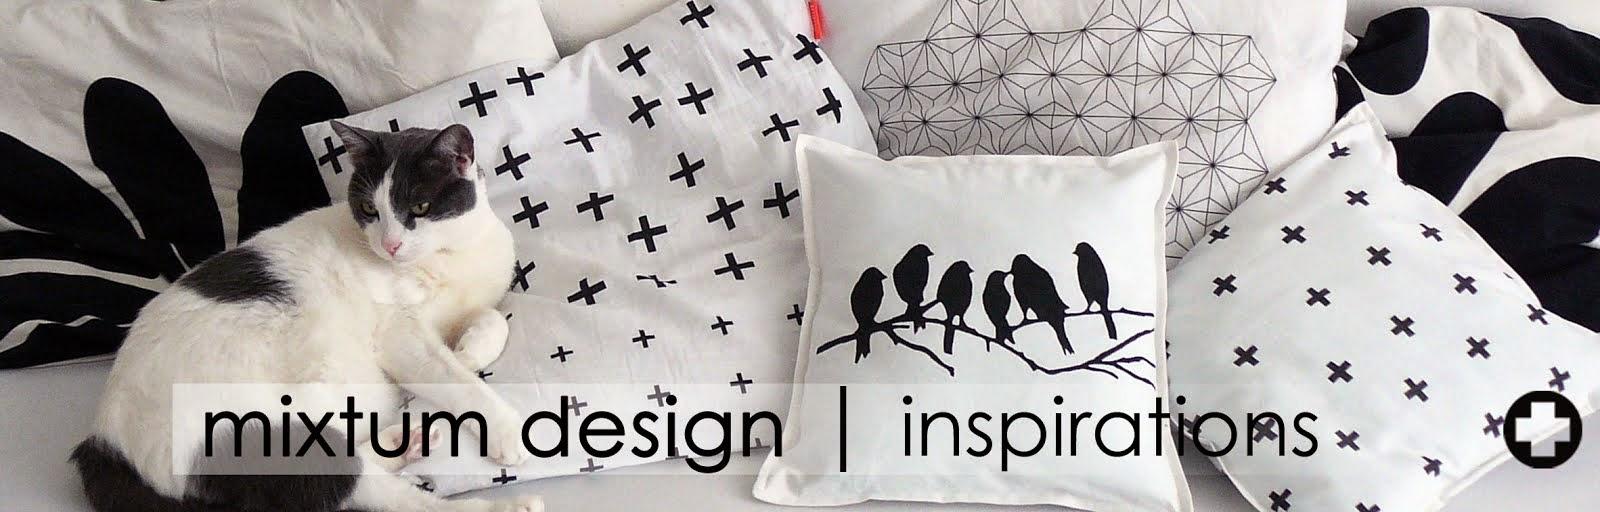 mixtum design